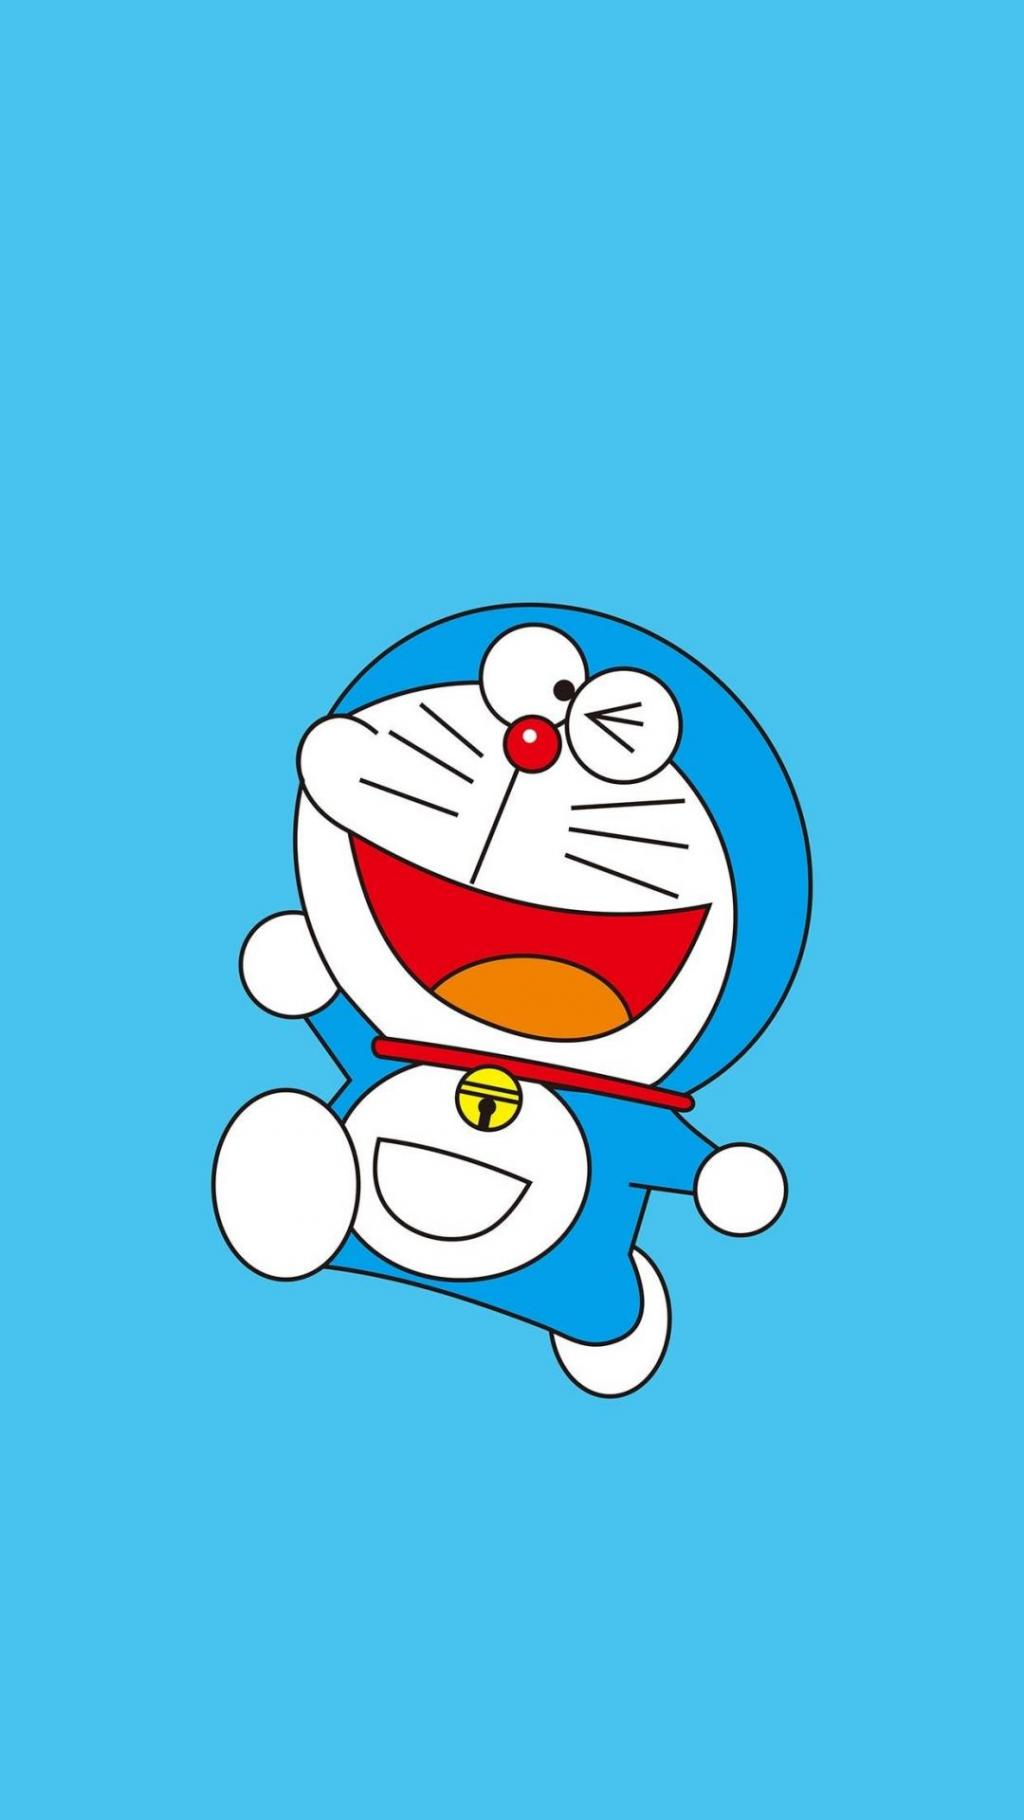 呆萌系卡通人物哆啦A梦